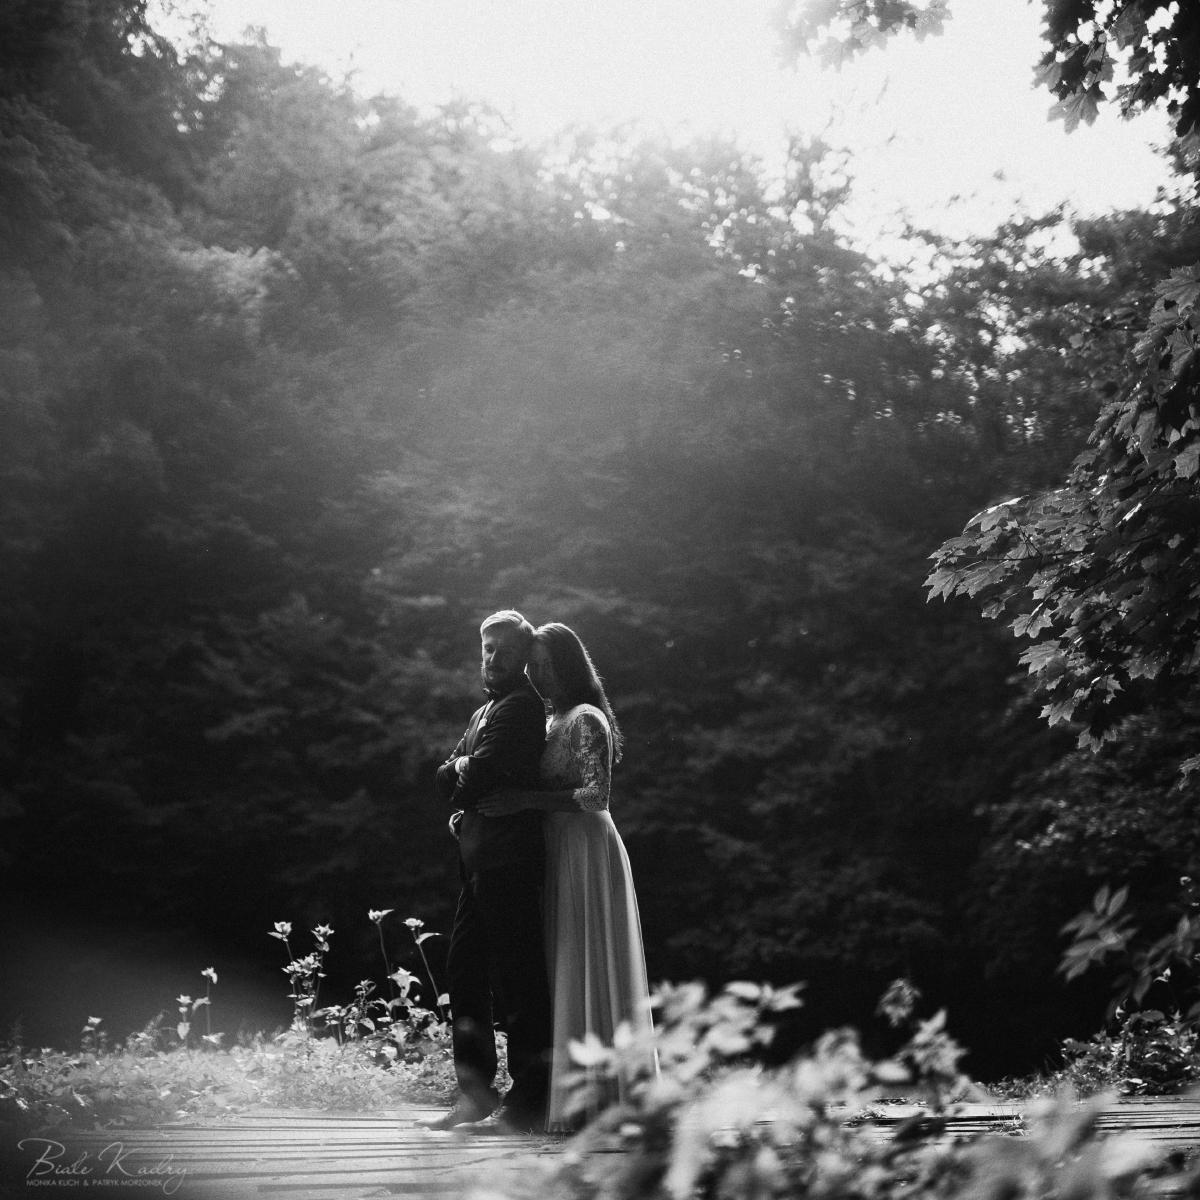 fotograf_slubny_plener_ojcow_blog22